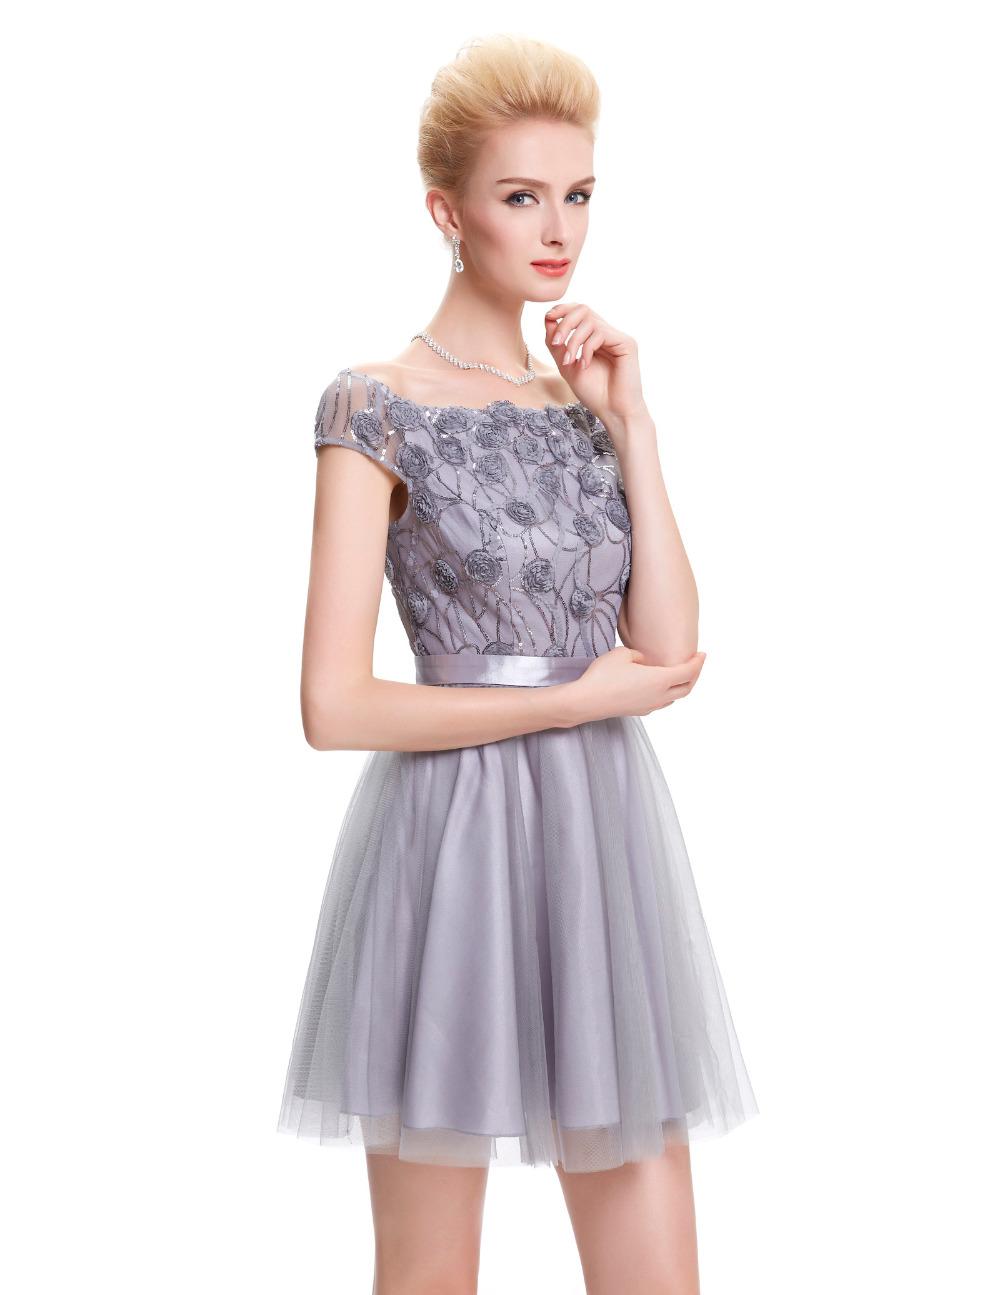 Winter Formal Dresses for Less